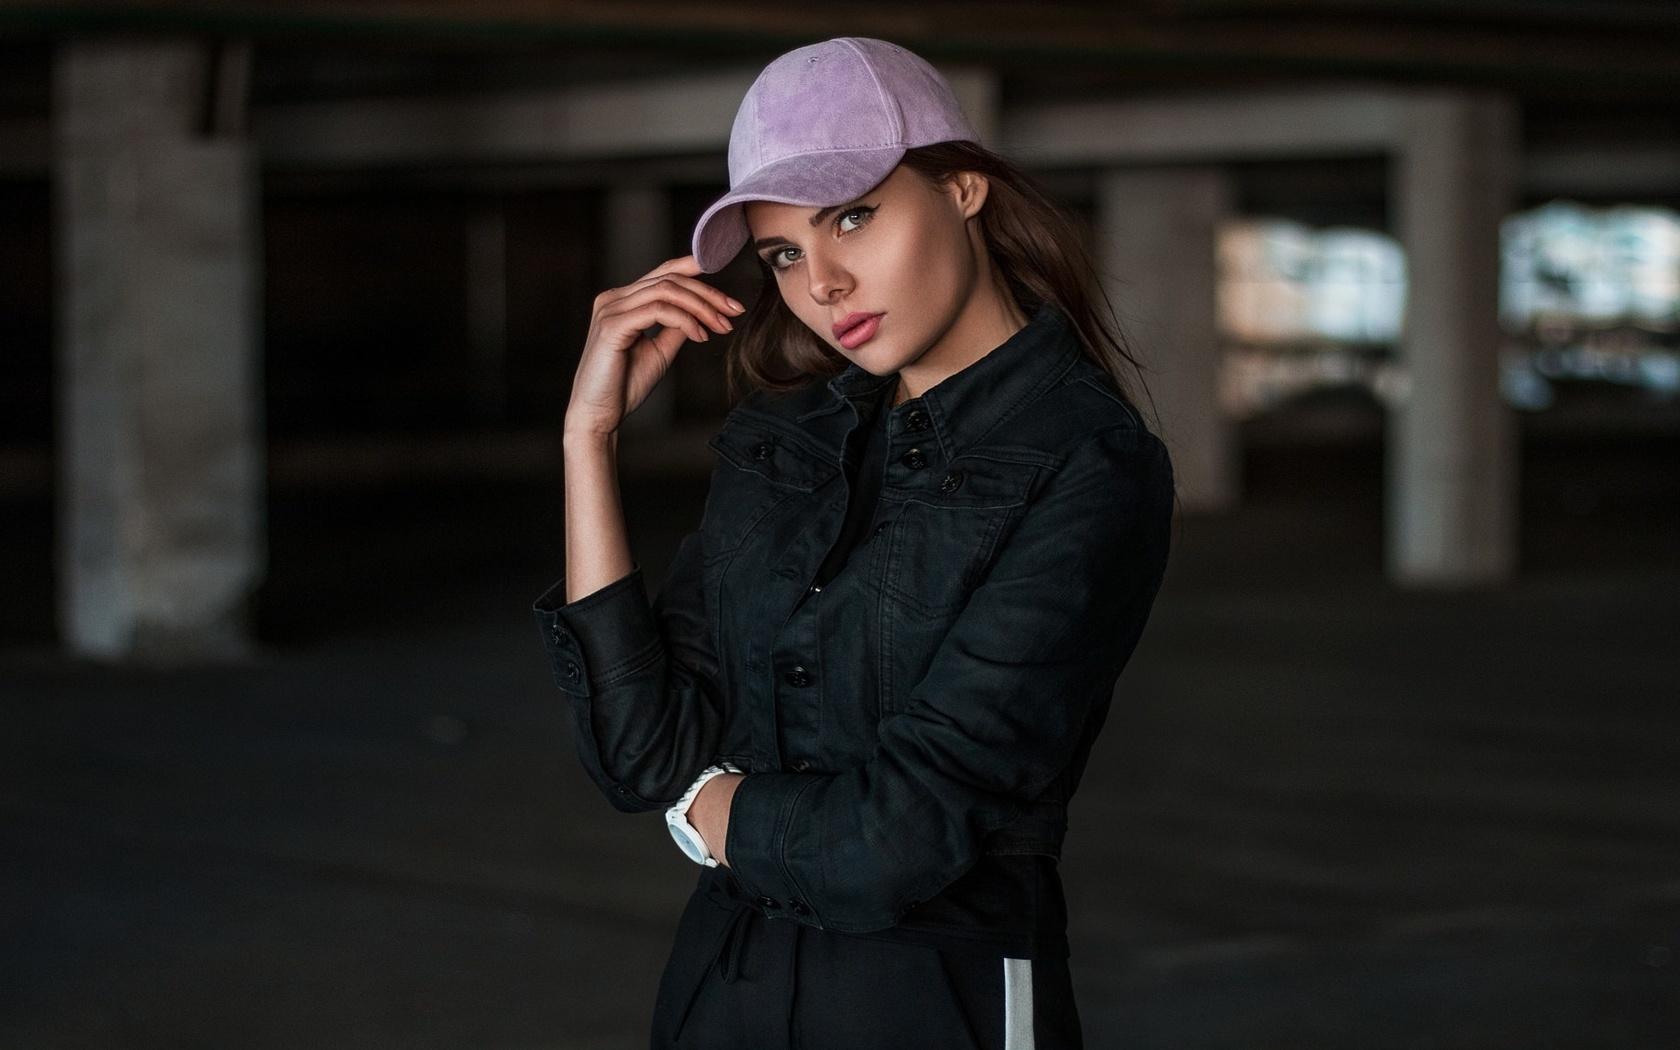 фото девушек в кепках сколько существует